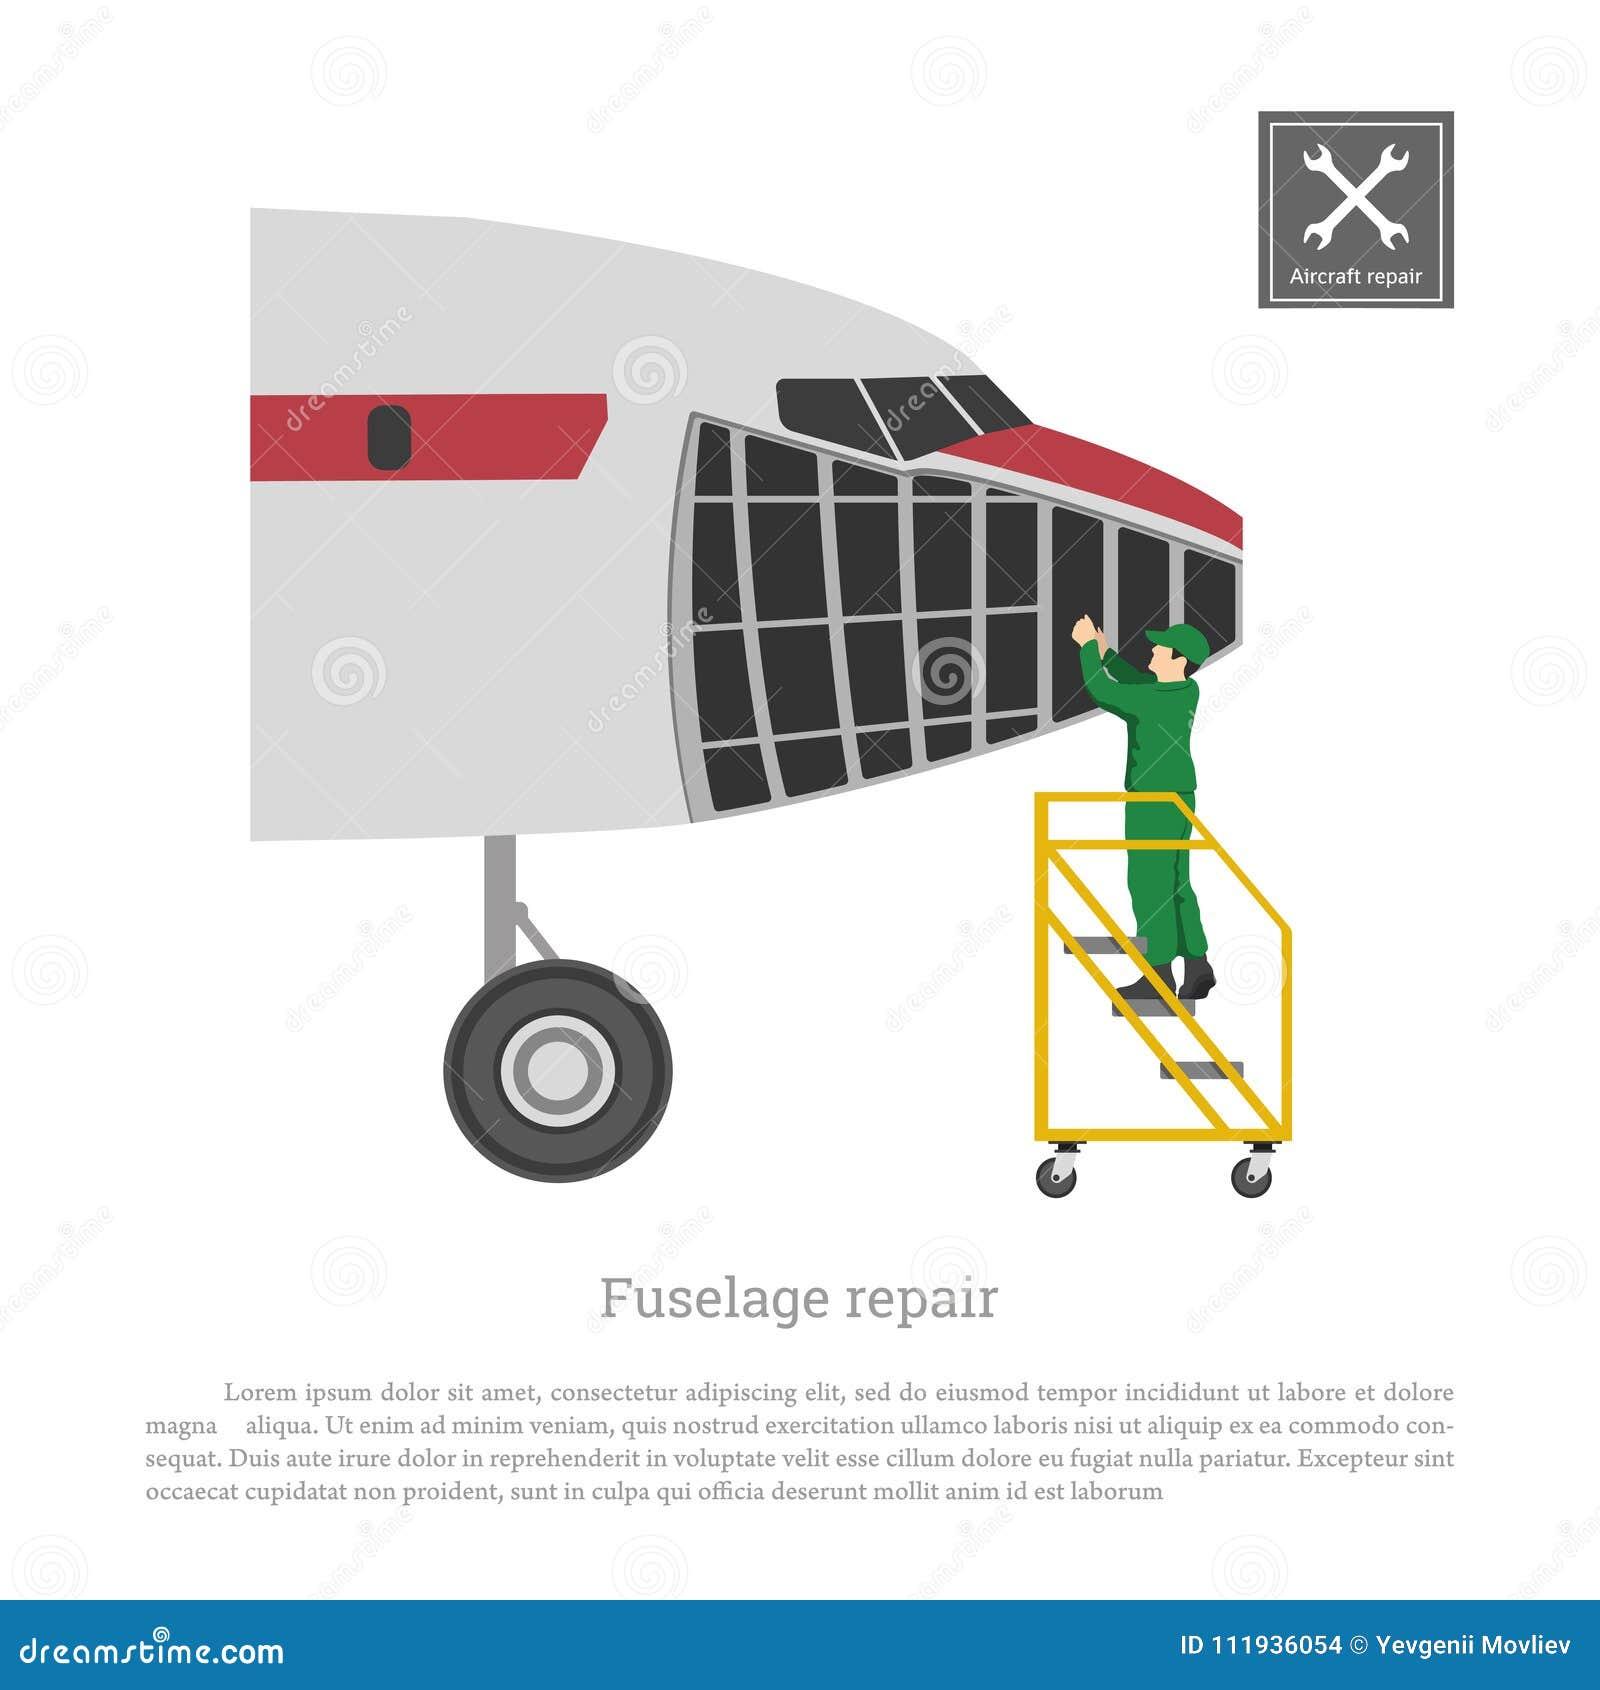 Reparación y mantenimiento de aviones Servise del fuselaje del aeroplano Dibujo industrial del avión en estilo plano